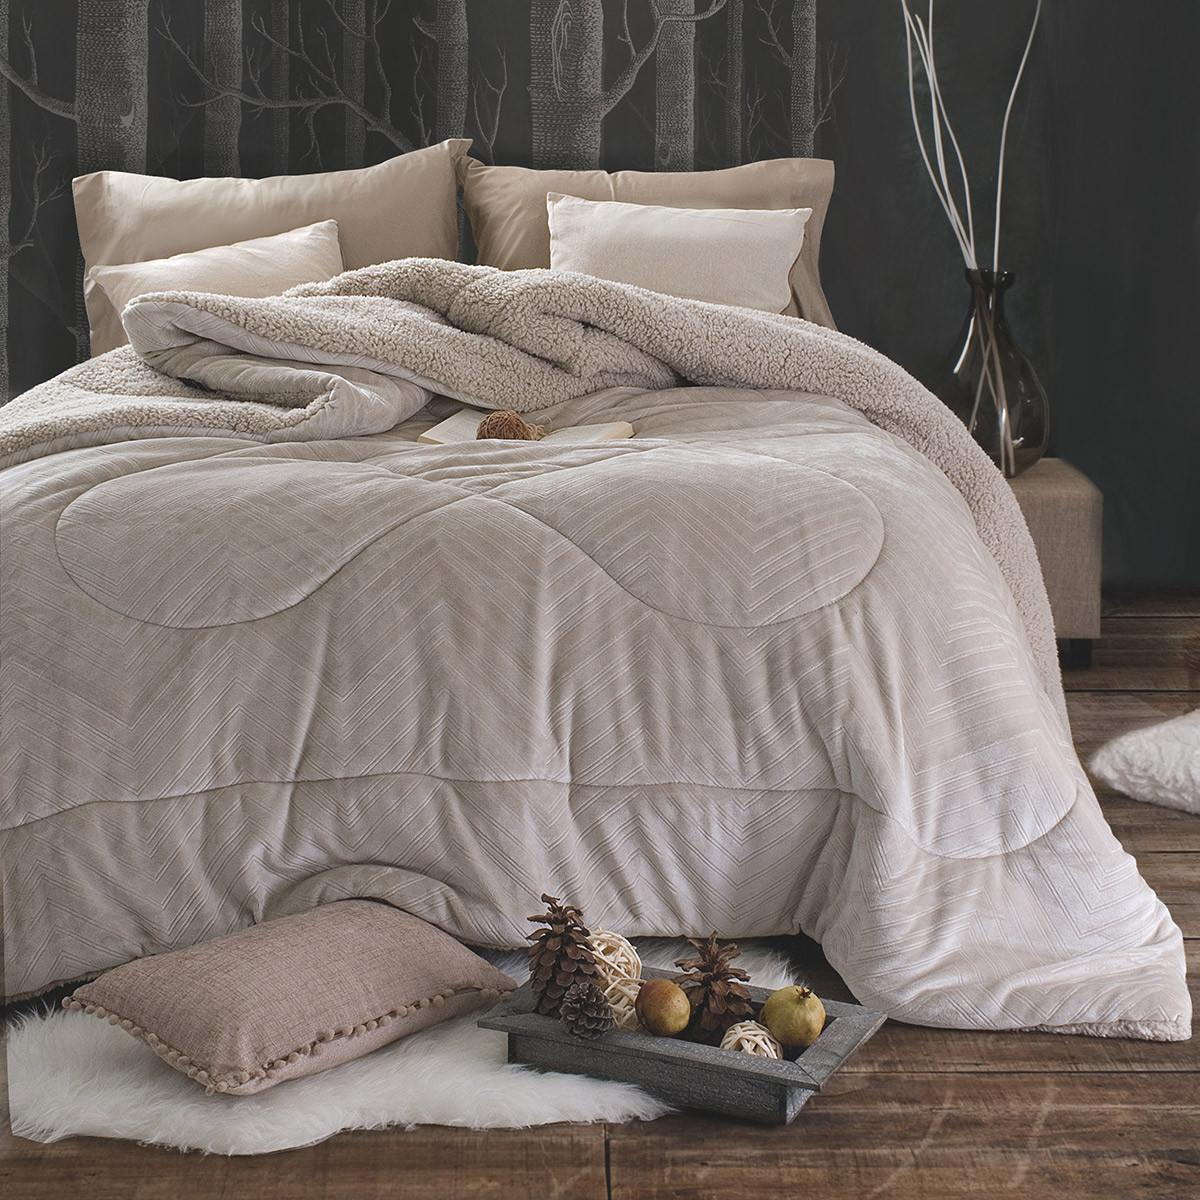 Κουβερτοπάπλωμα Υπέρδιπλο Rythmos Amity 01 Grey home   κρεβατοκάμαρα   παπλώματα   κουβερτοπαπλώματα